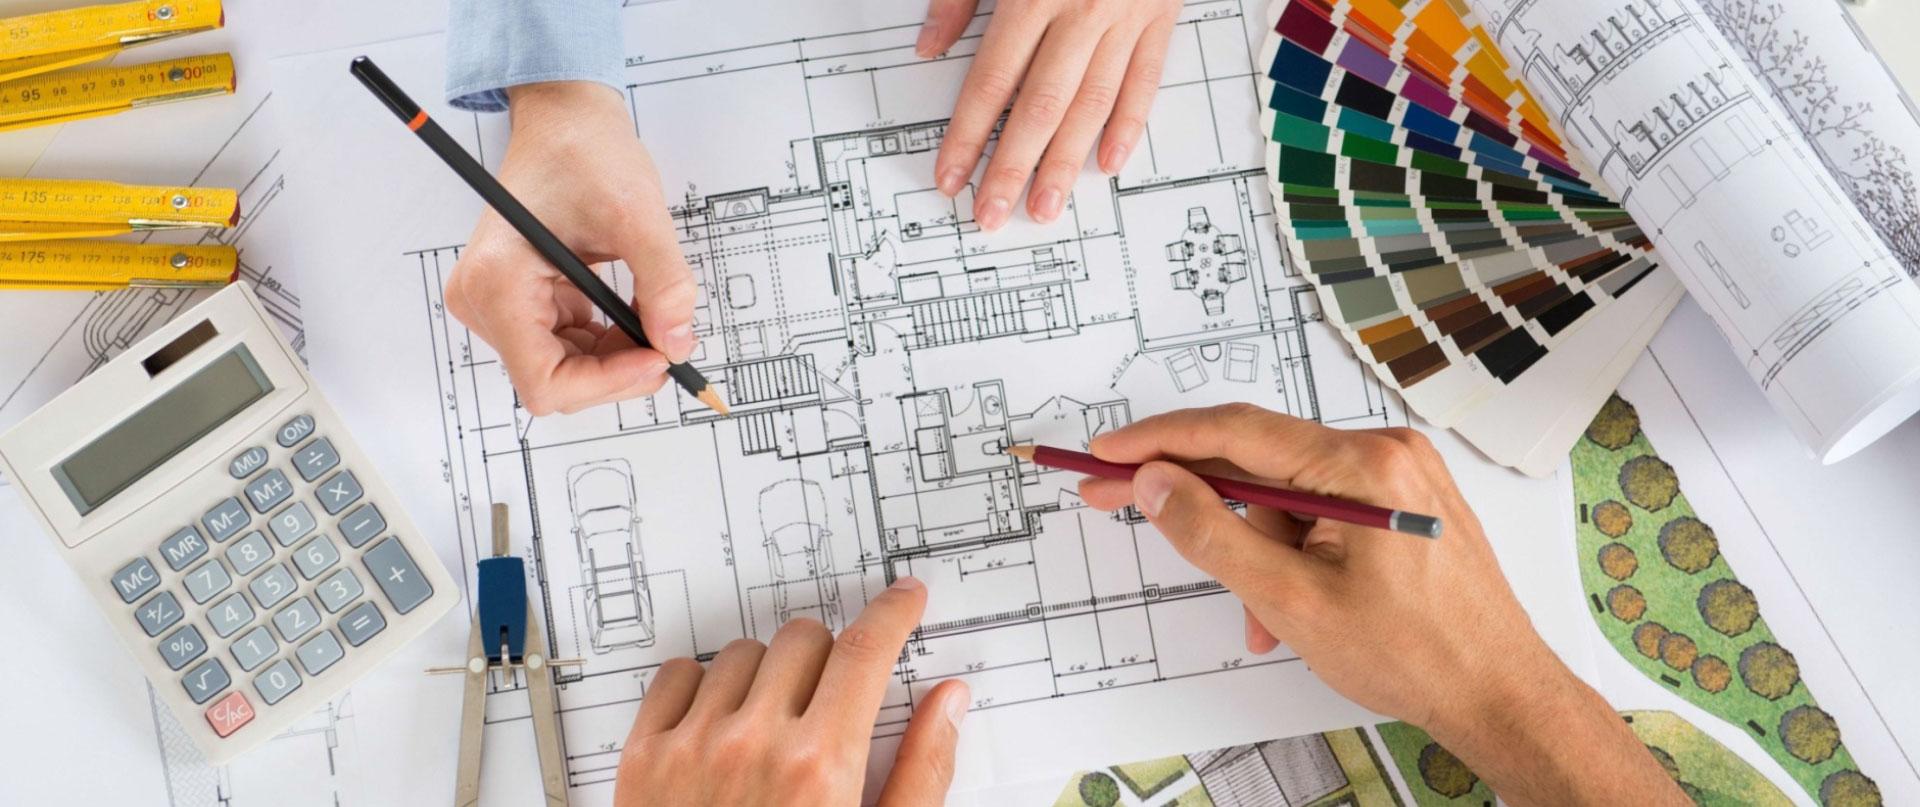 REPL - Architectural Designs